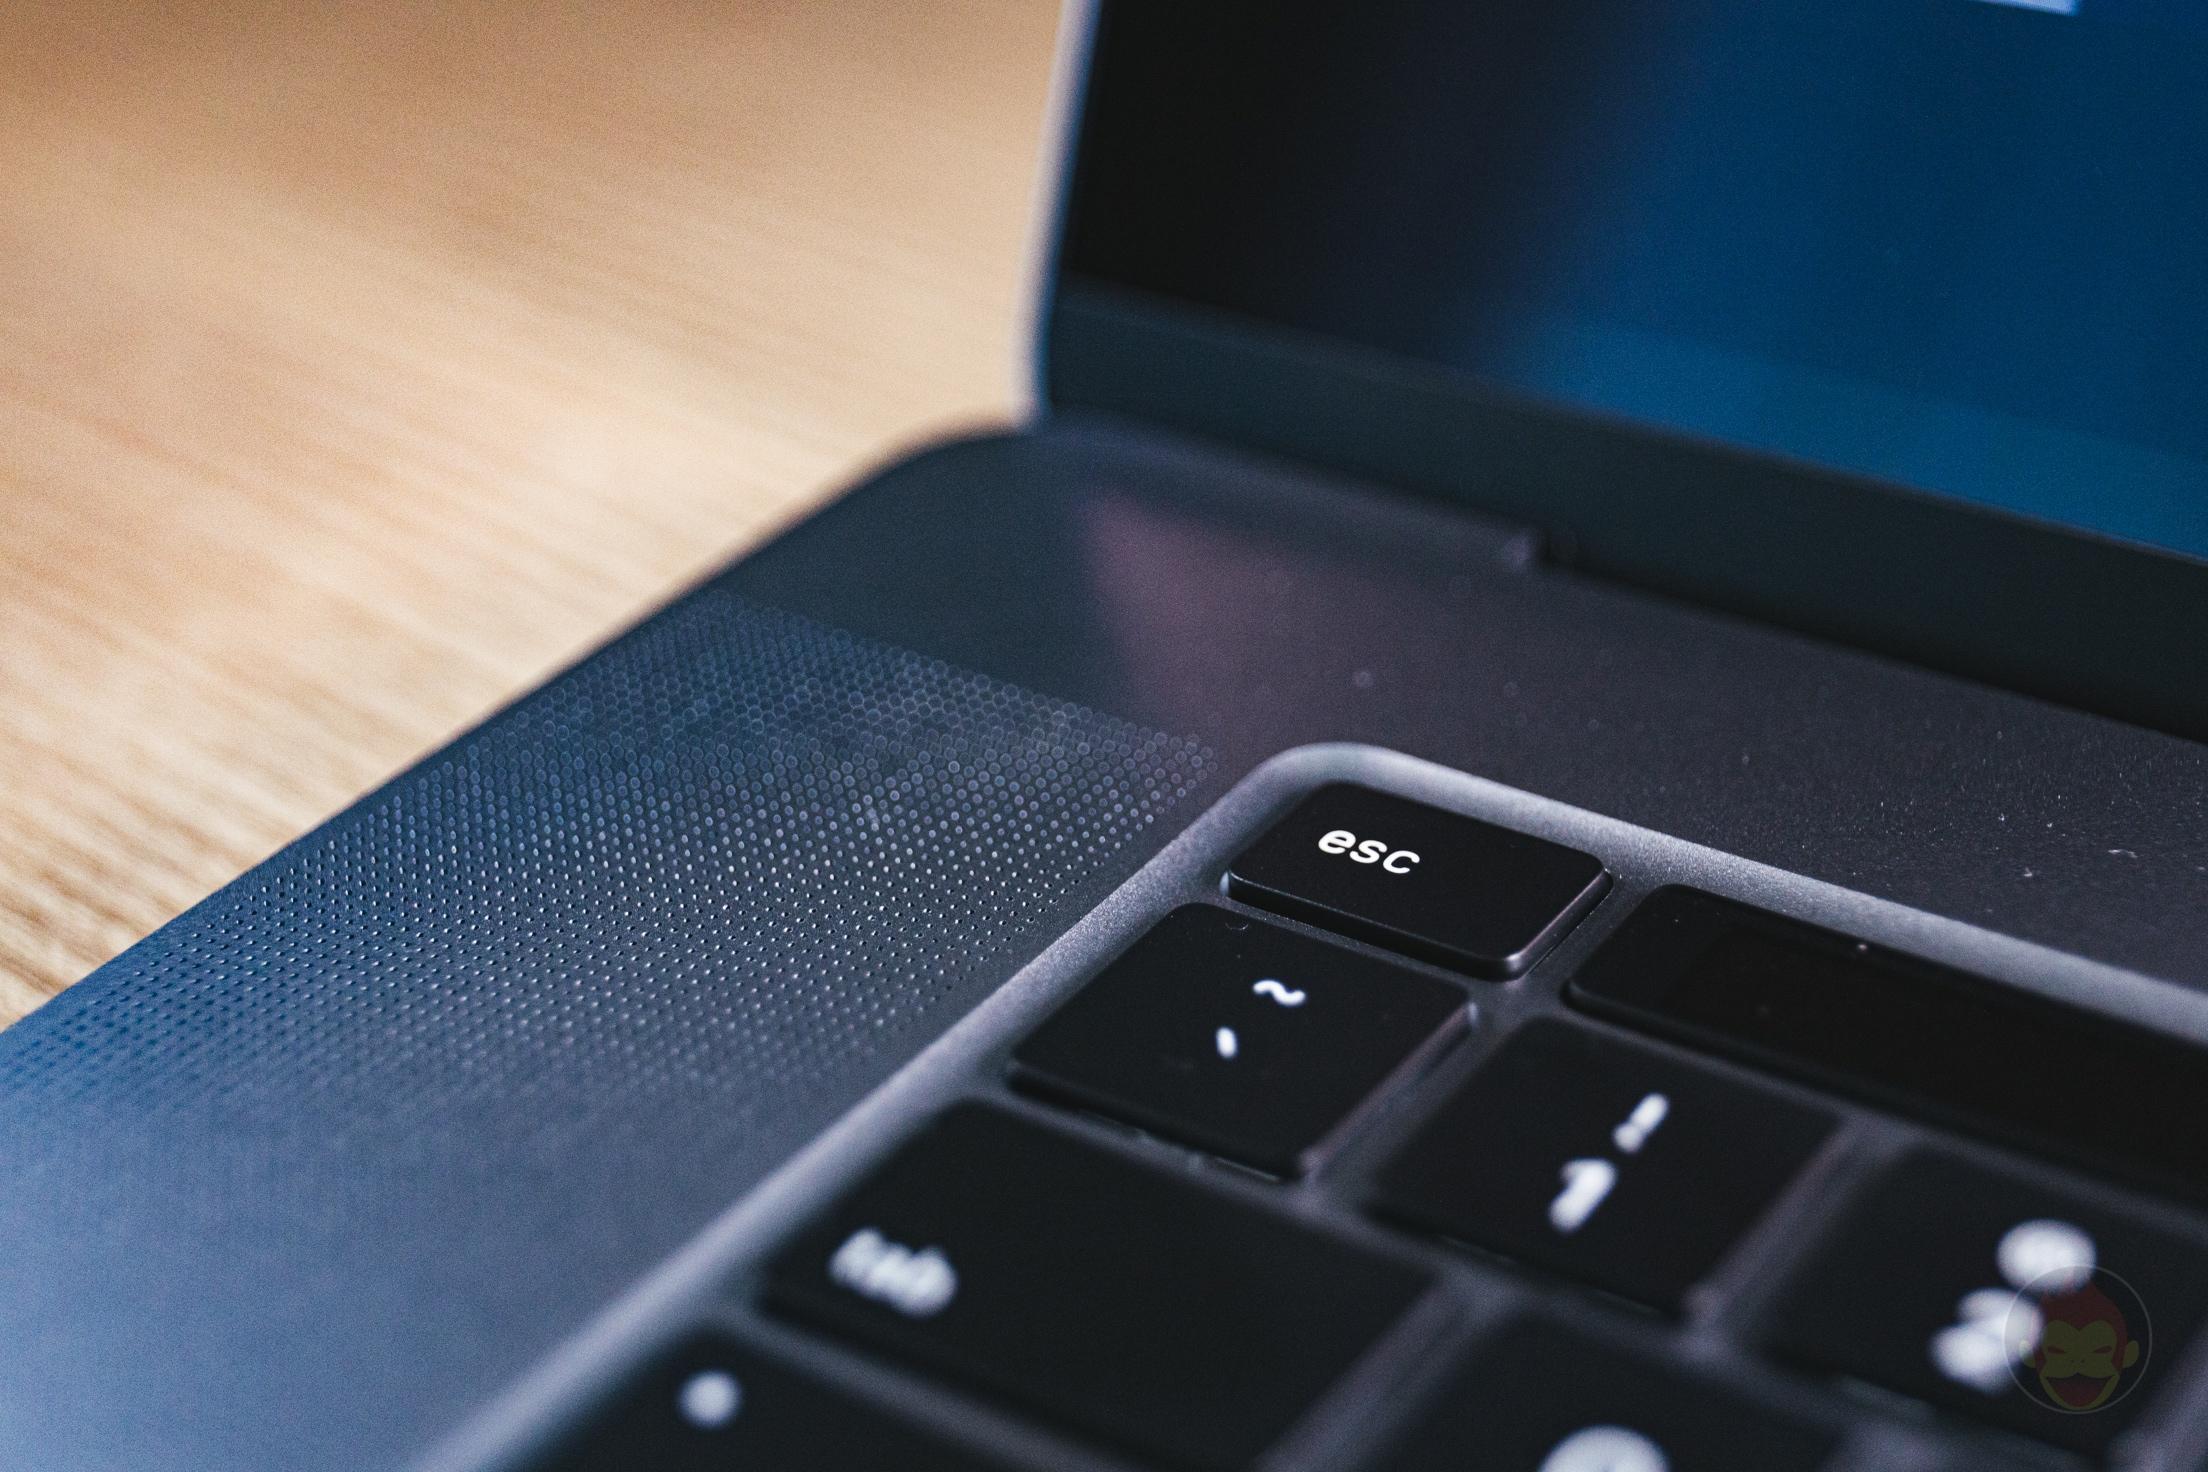 16inch-macbookpro-2019-review-23.jpg